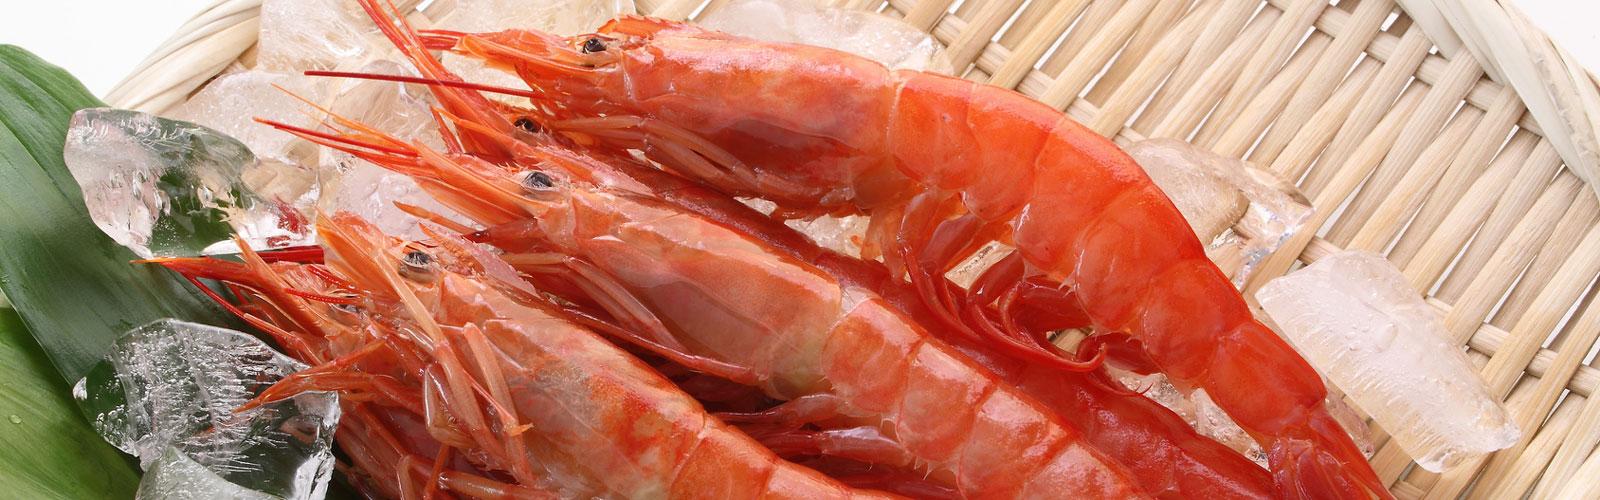 Gambón - Tradición Pesquera